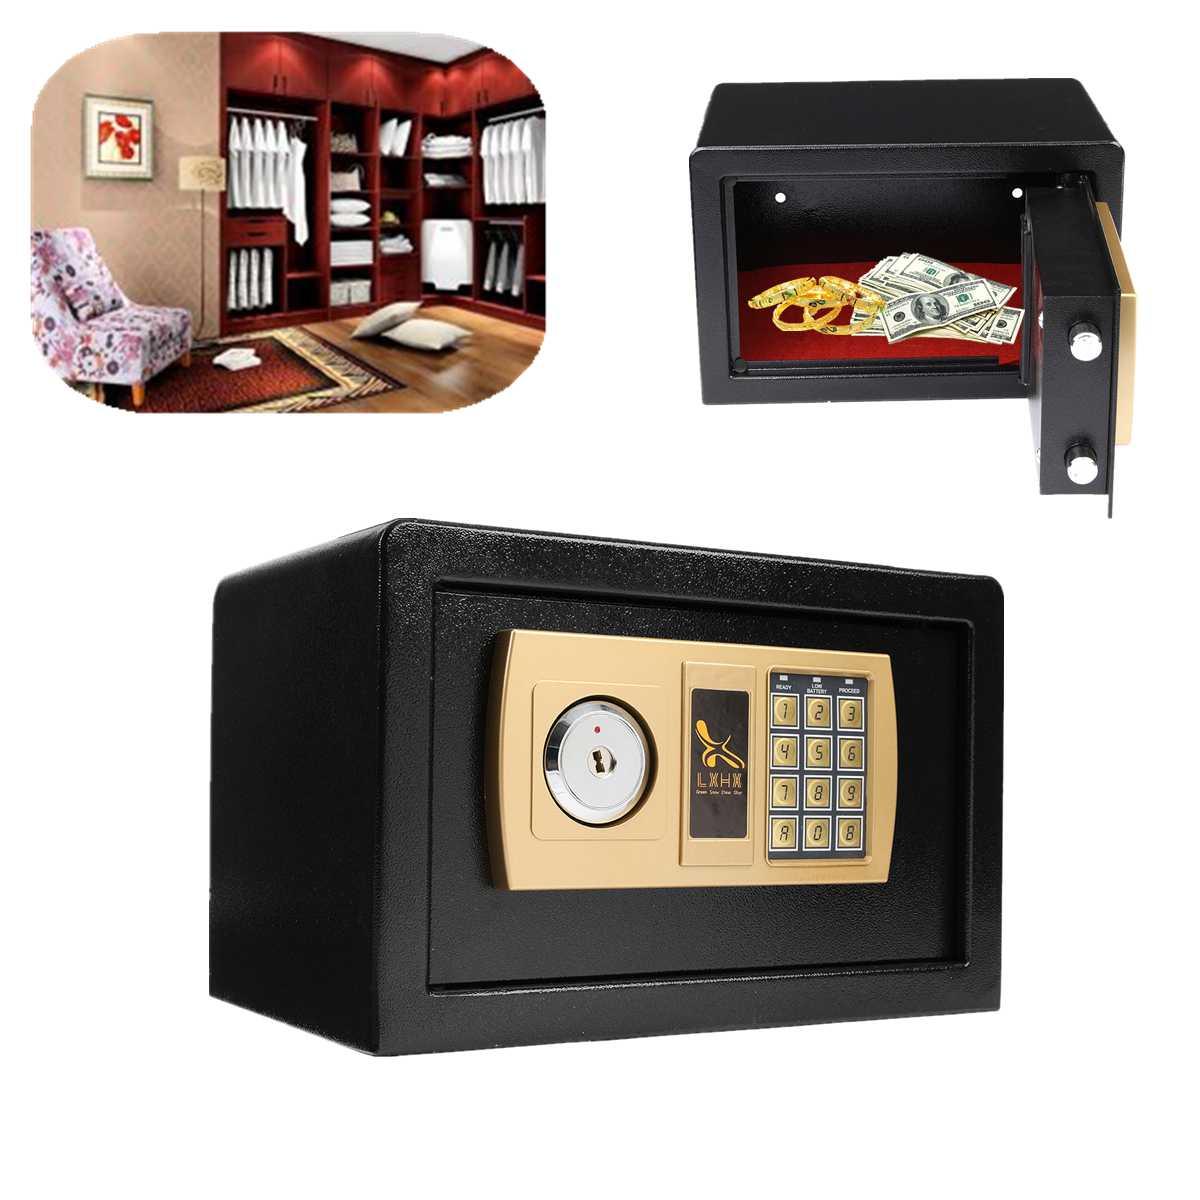 depo Coffre-fort de dépôt numérique pour bijoux, mot de passe électronique antivol, coffre-fort de